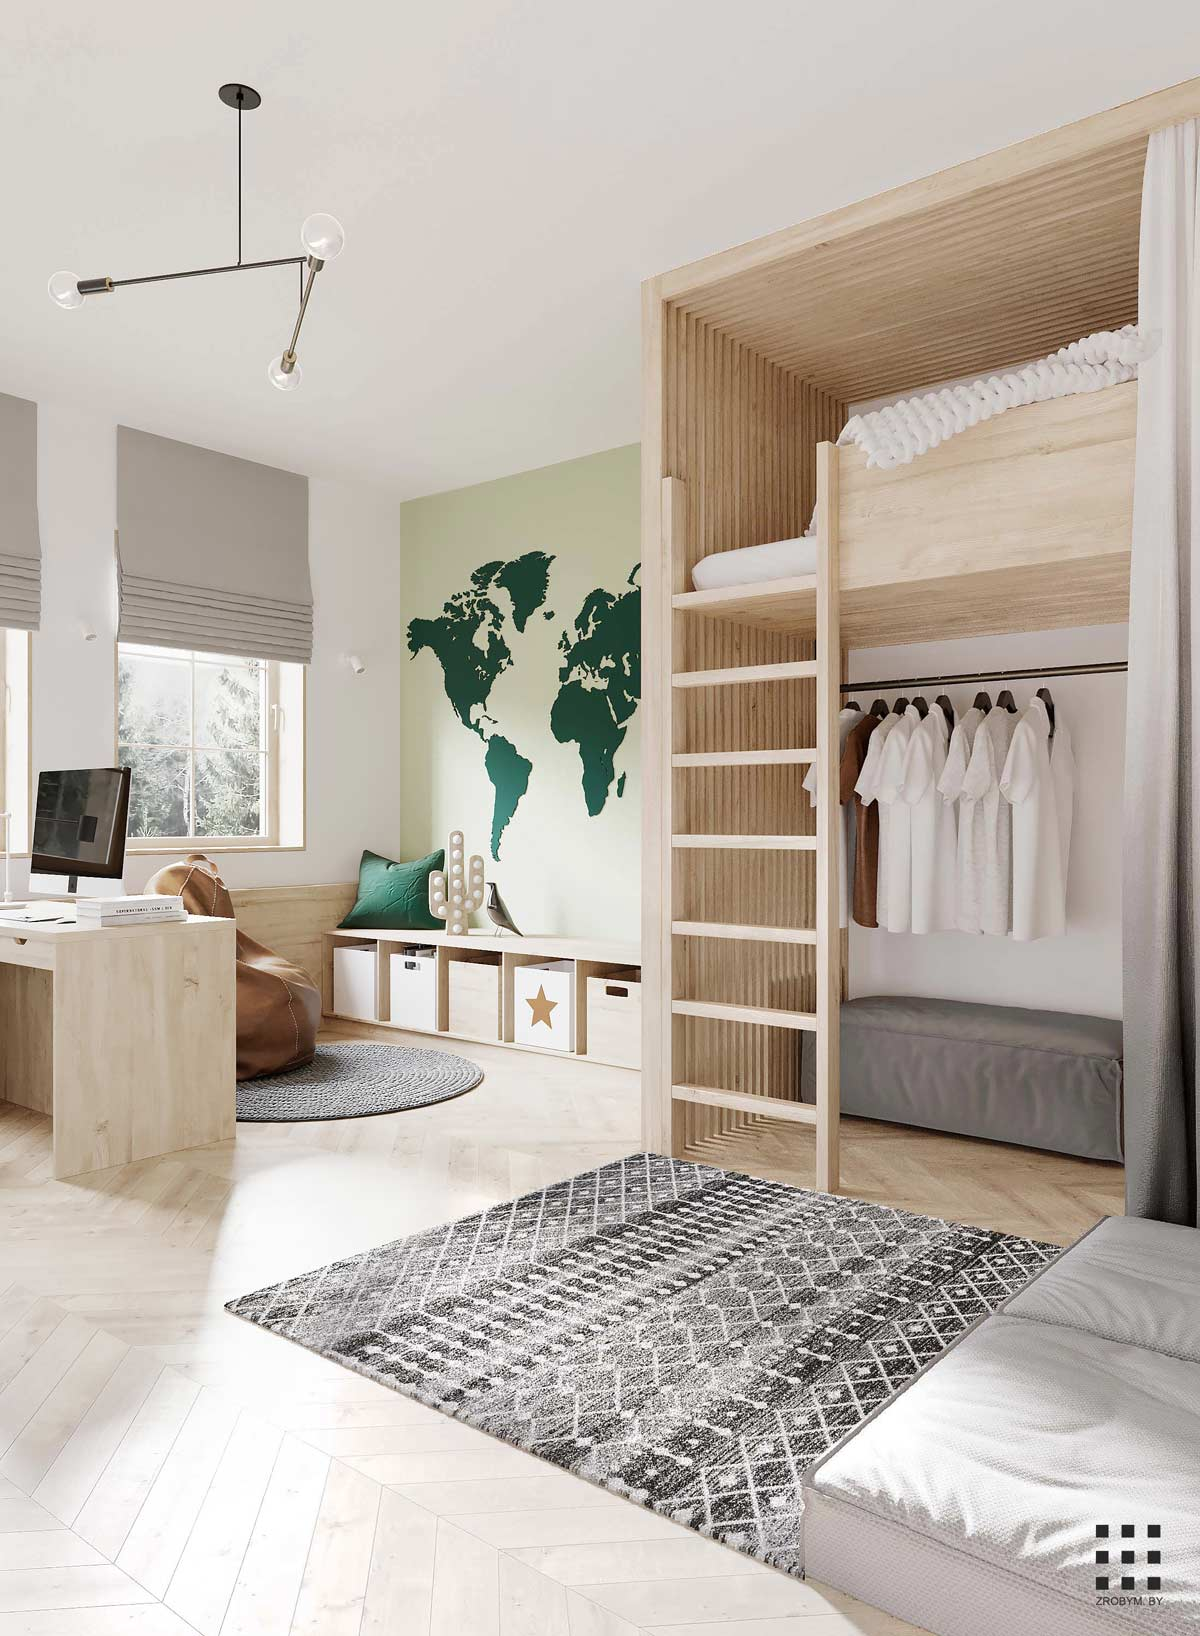 Дизайн маленькой квартиры-студии: оптимальная меблировка и зонирование